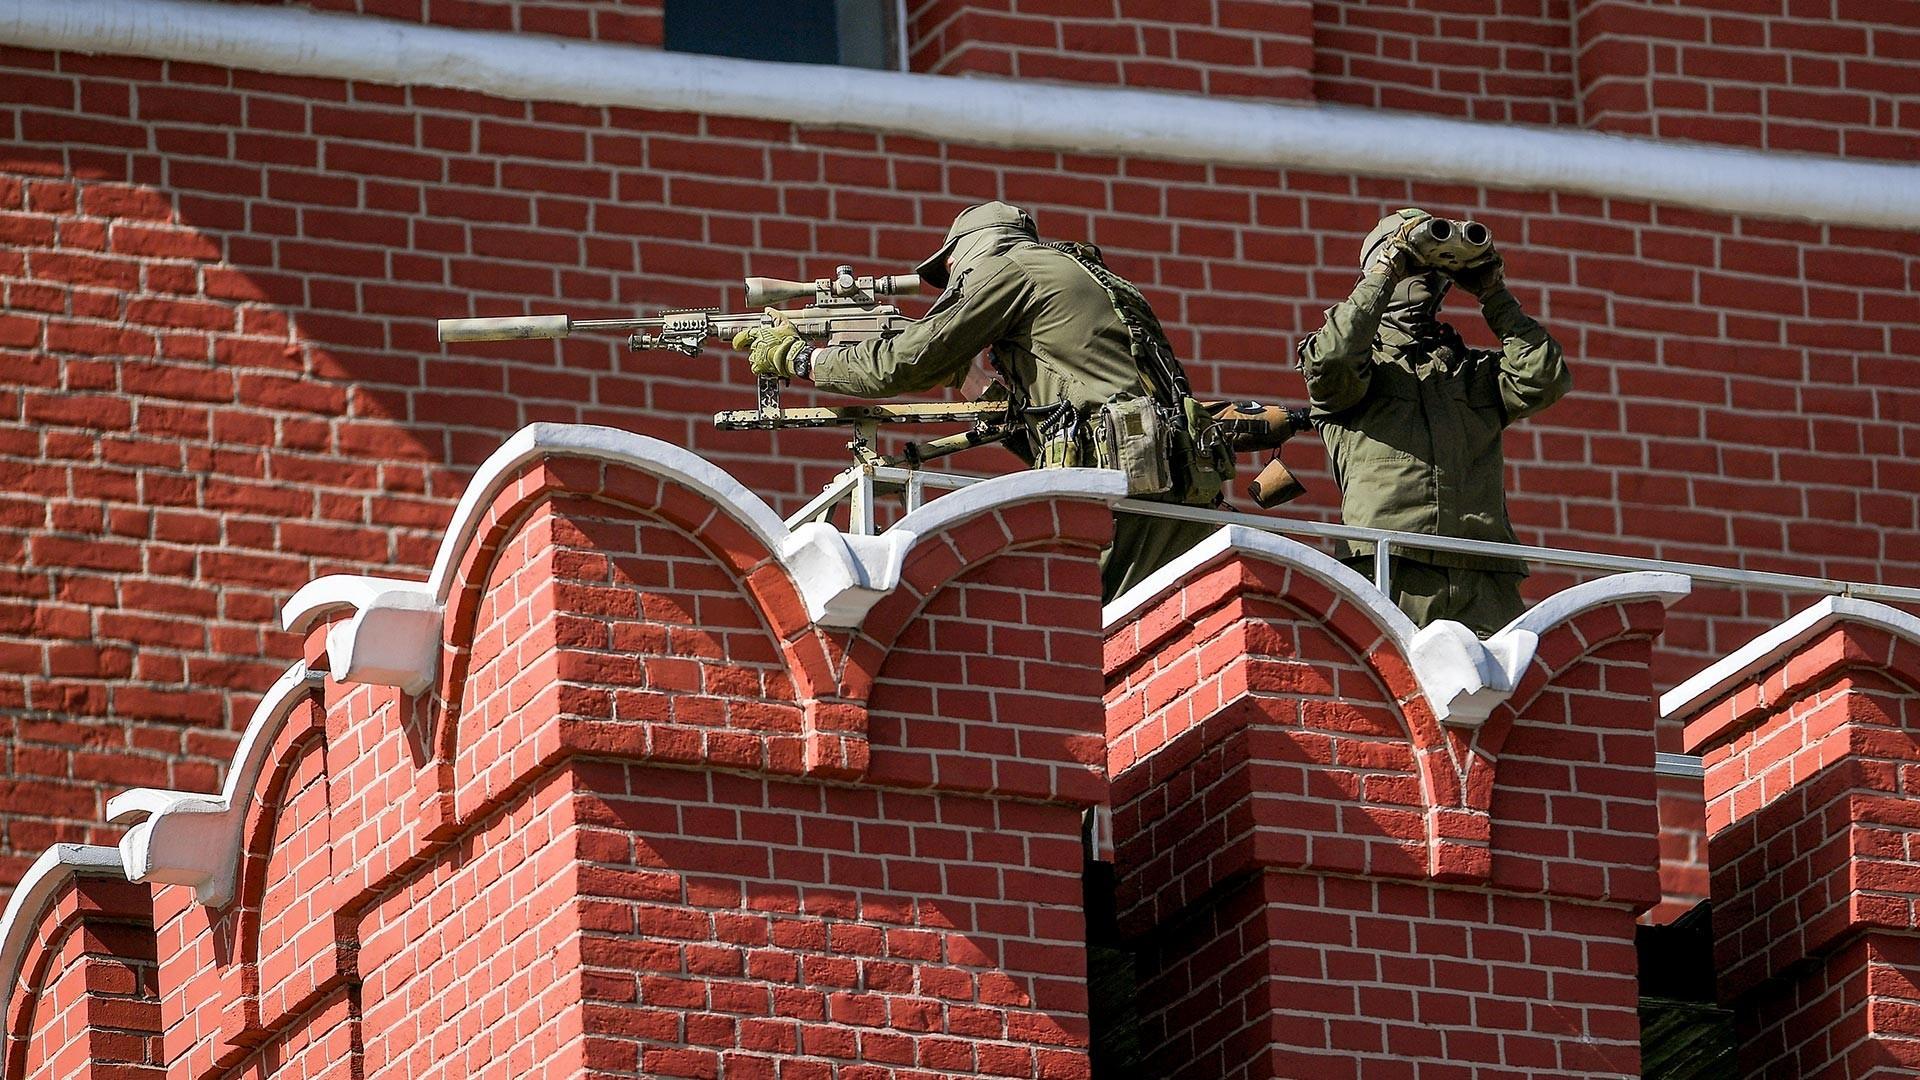 Снајперист на ѕидините на московскиот Кремљ наспроти почетокот на воена парада